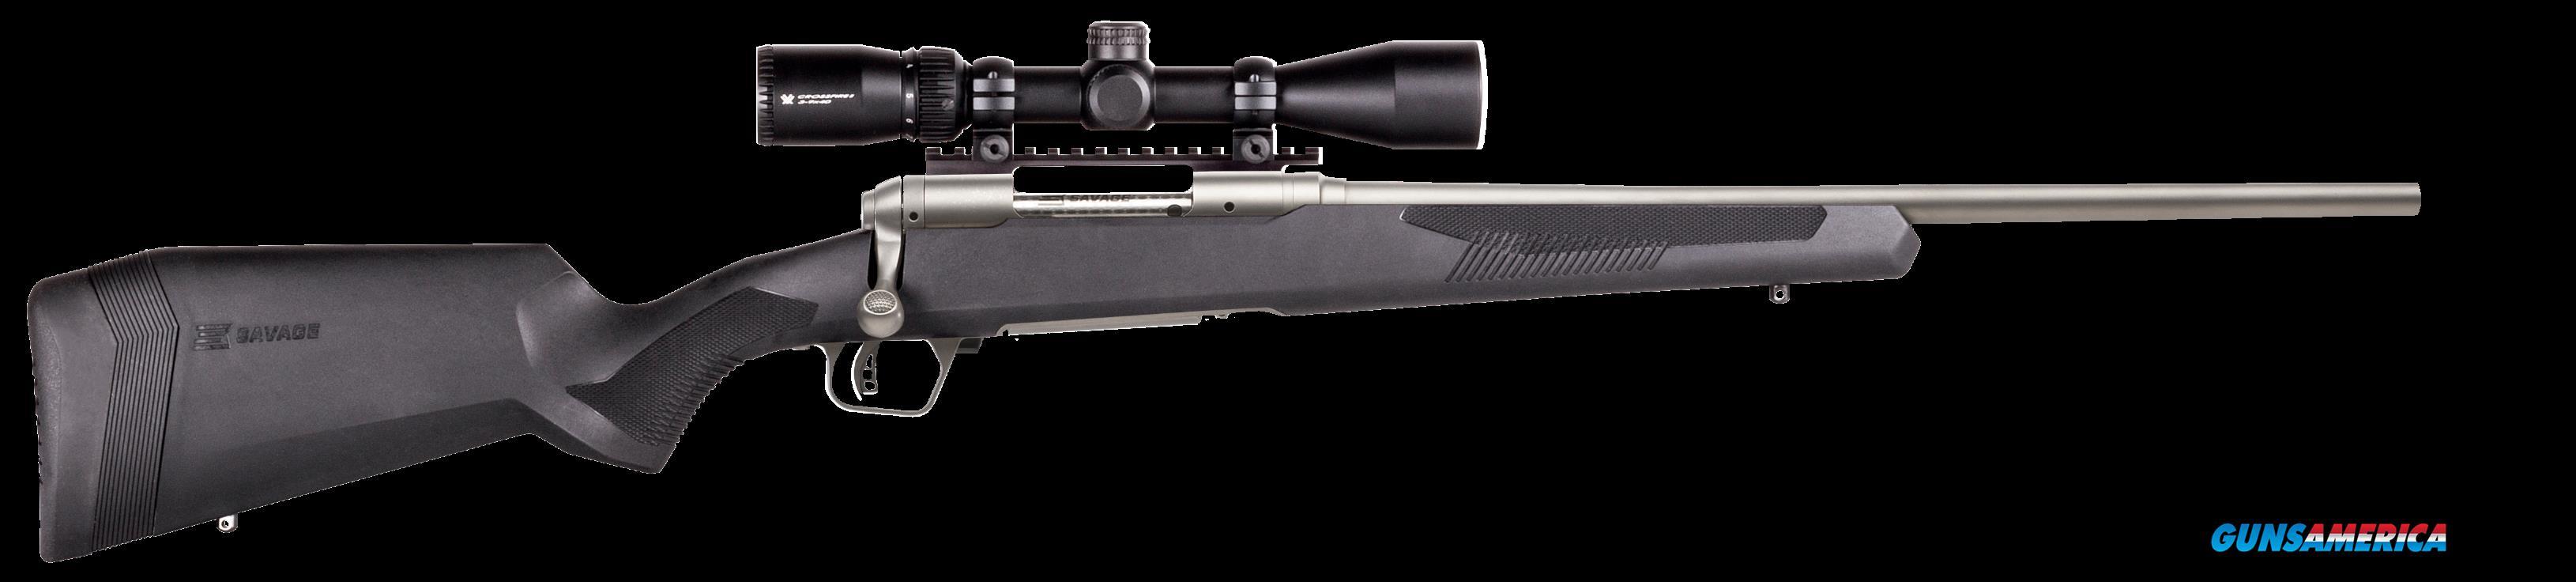 Savage 10-110, Sav 57350 110 Apex Storm Xp  2506           Vortex  Guns > Pistols > 1911 Pistol Copies (non-Colt)